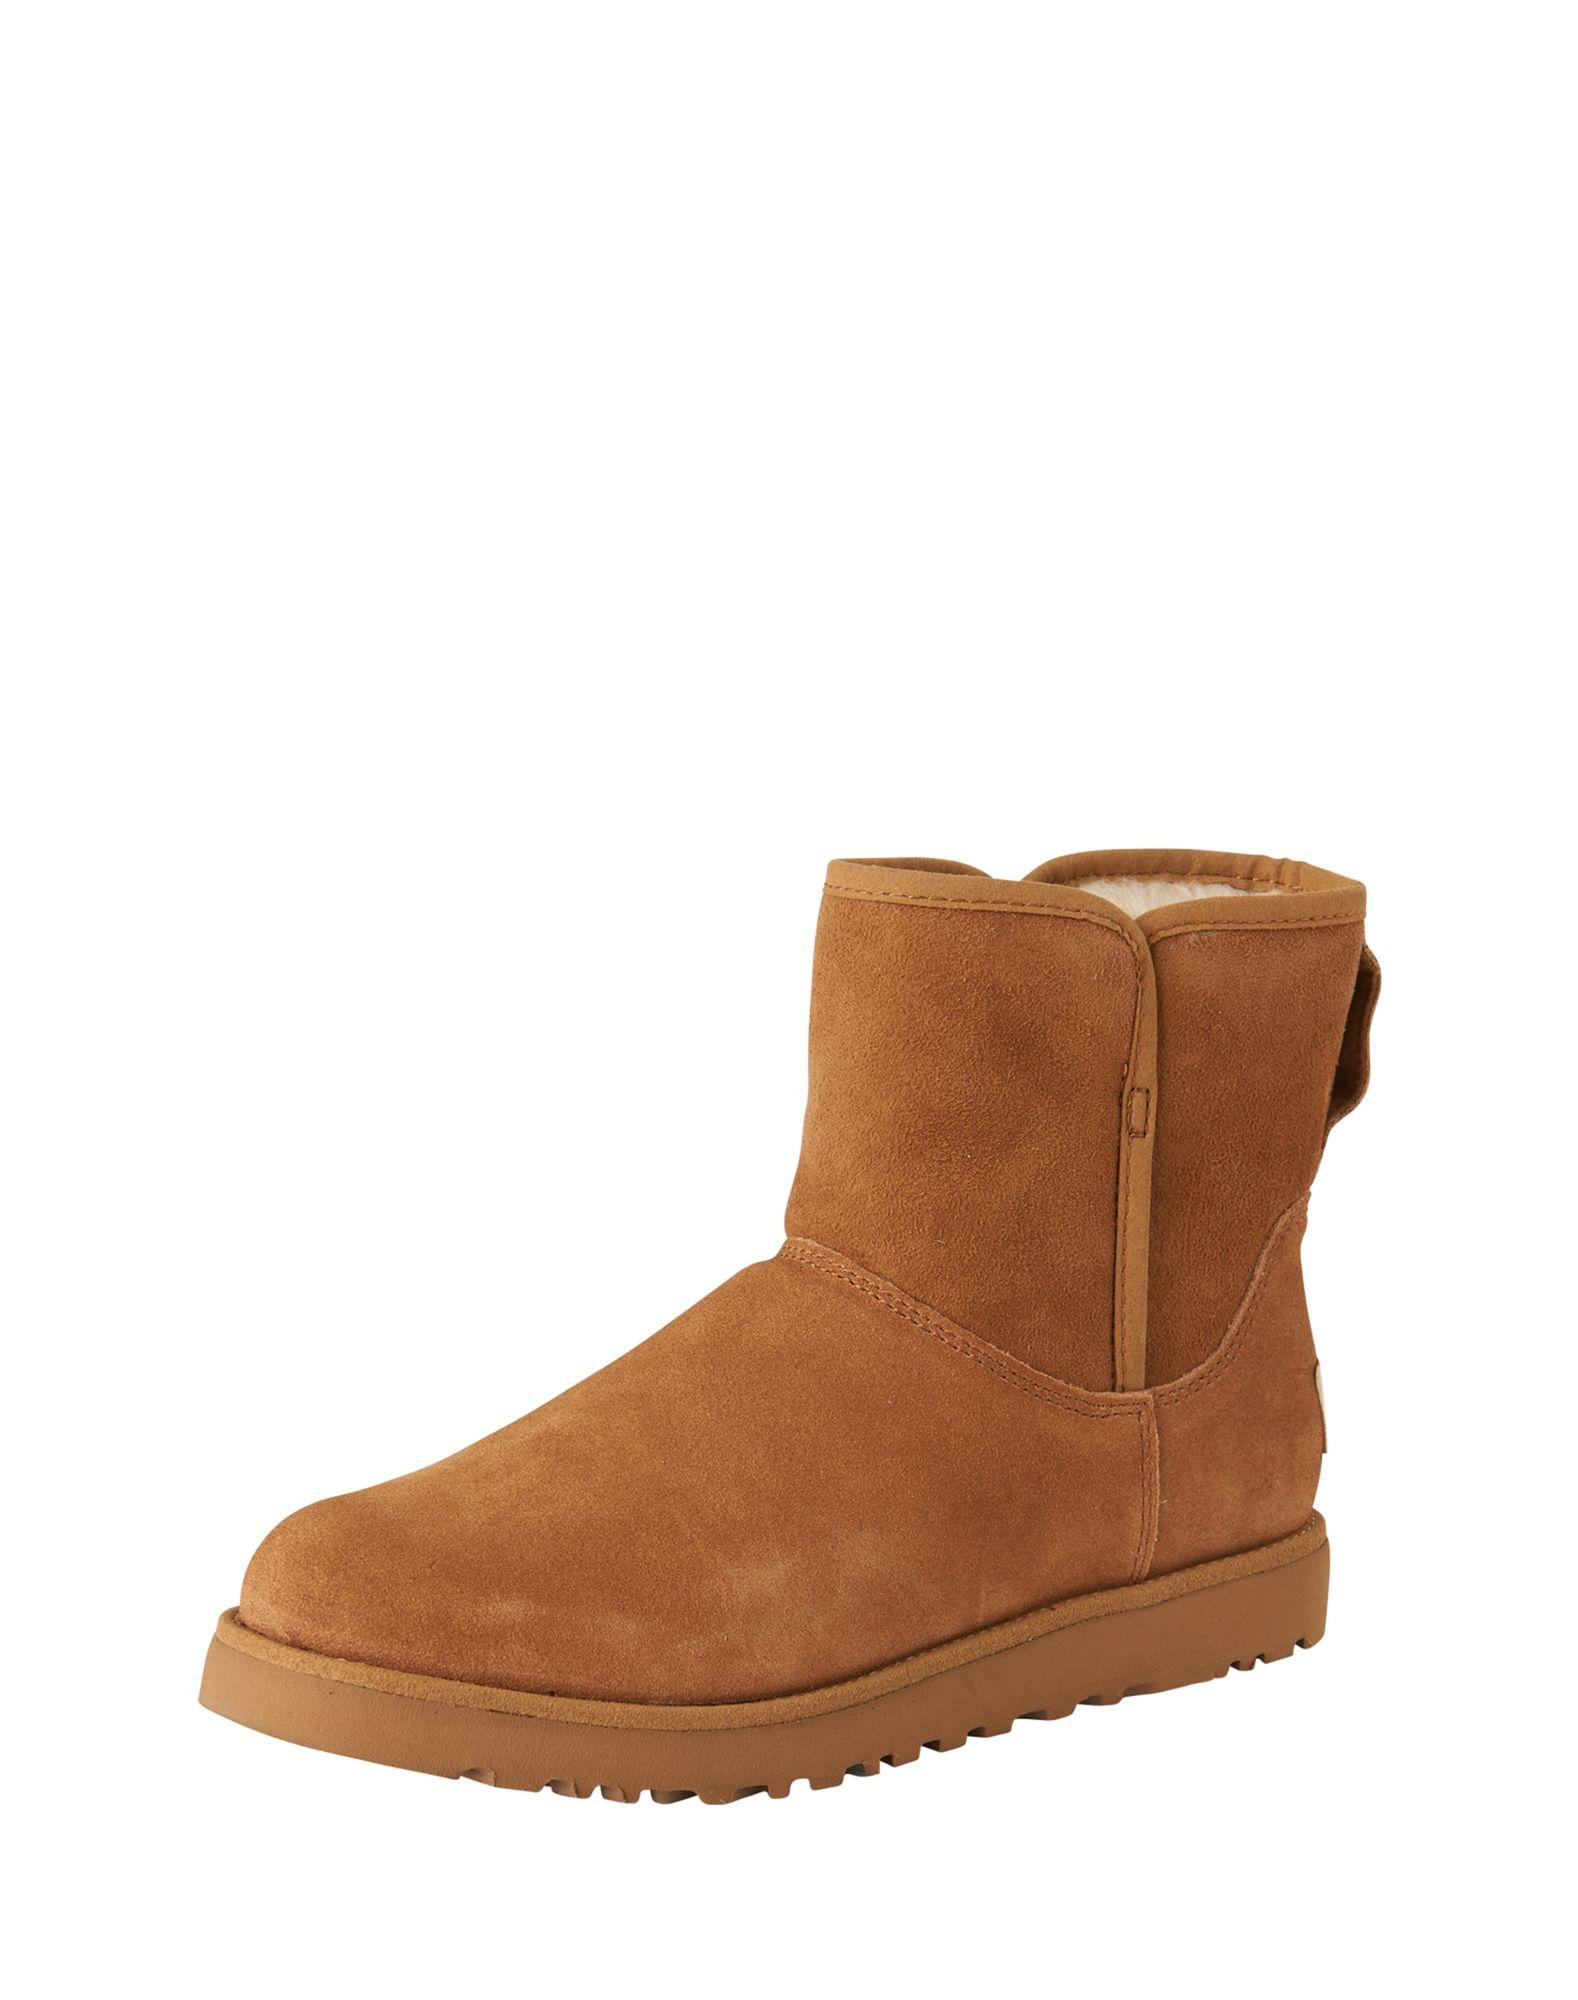 Boots ´Classic Slim-Cory´